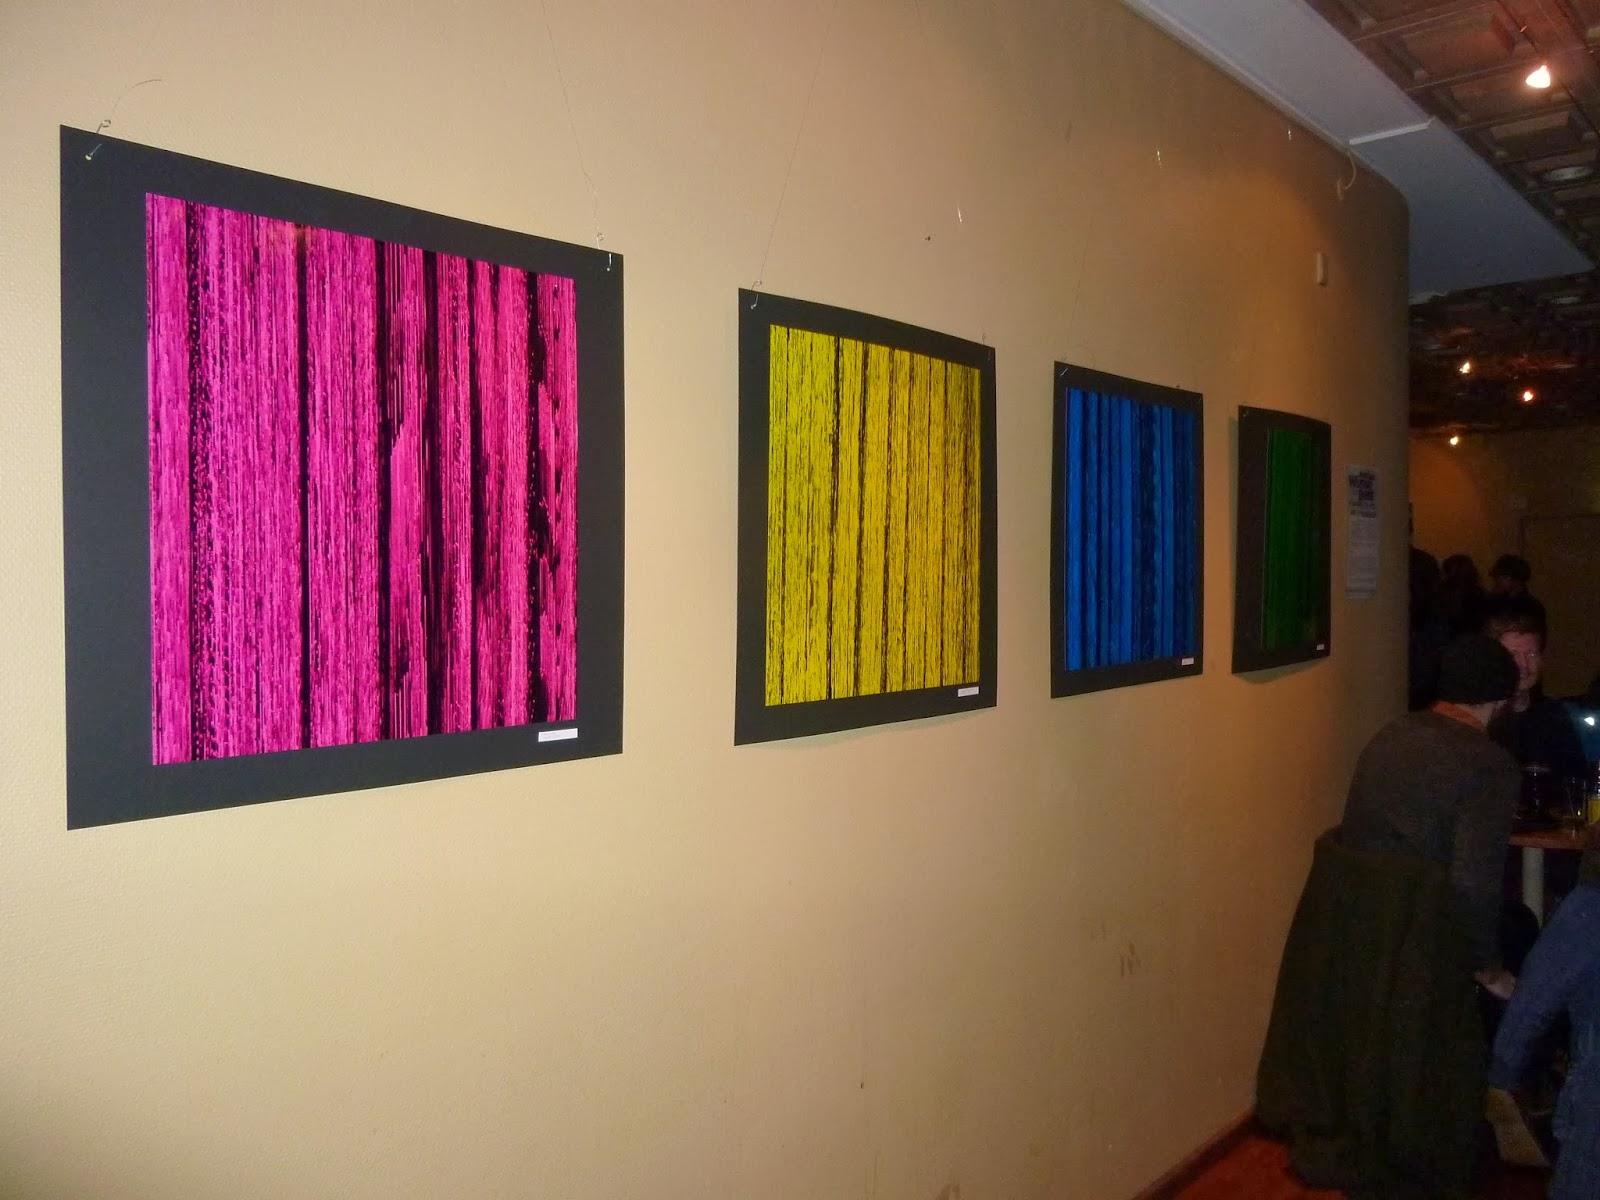 Trine Axelgaard: Installation art